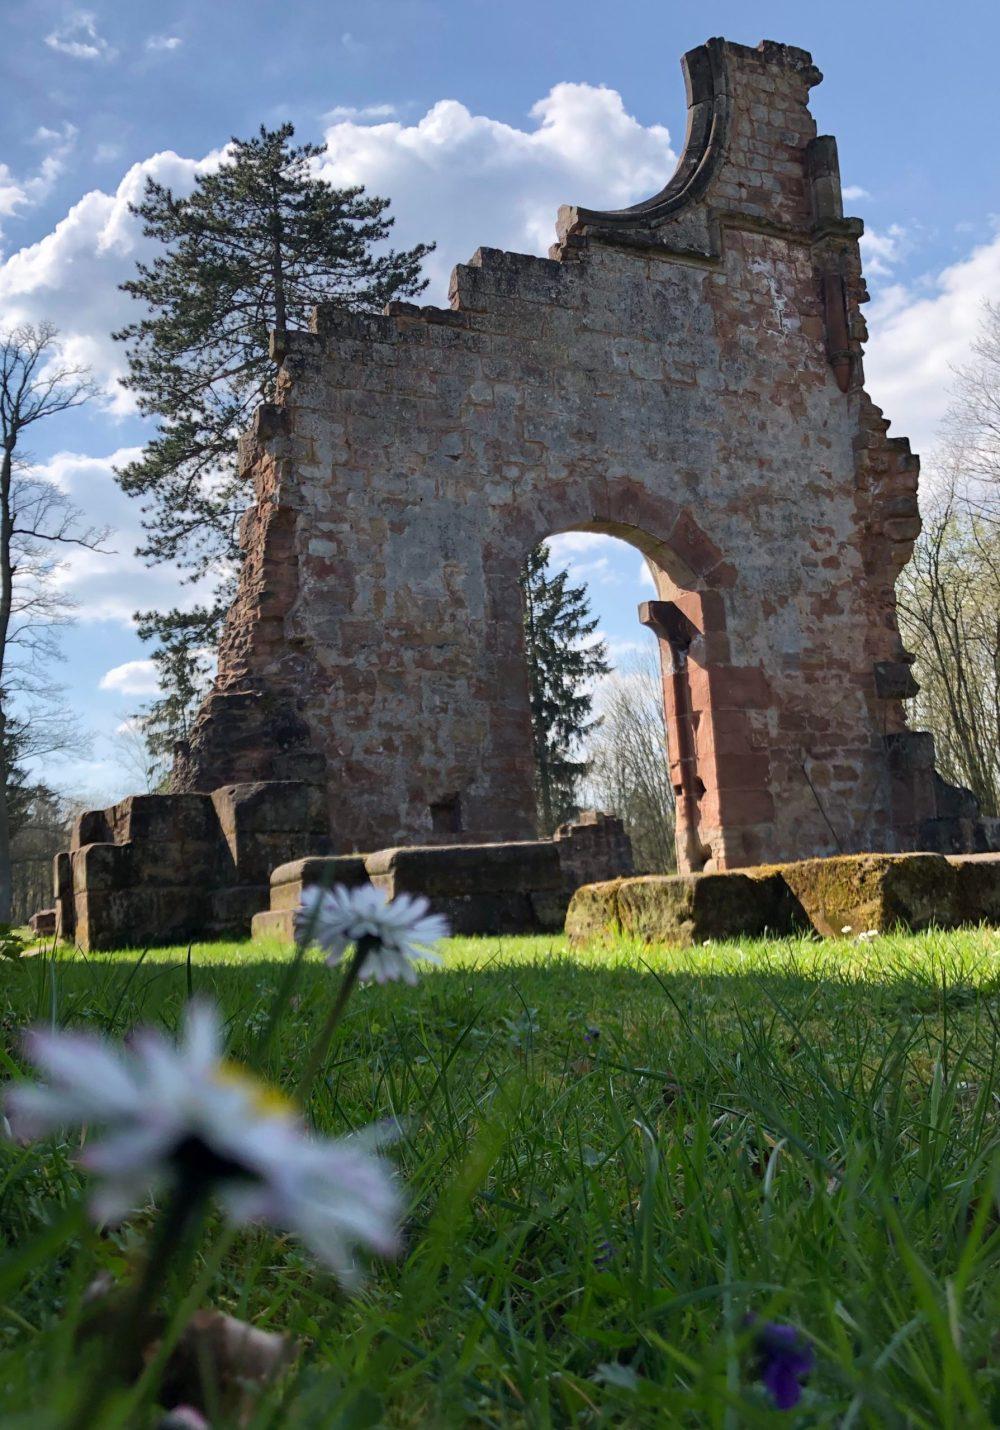 Gänseblümchen in den Ruinen der ehemaligen Kirche des Klosters